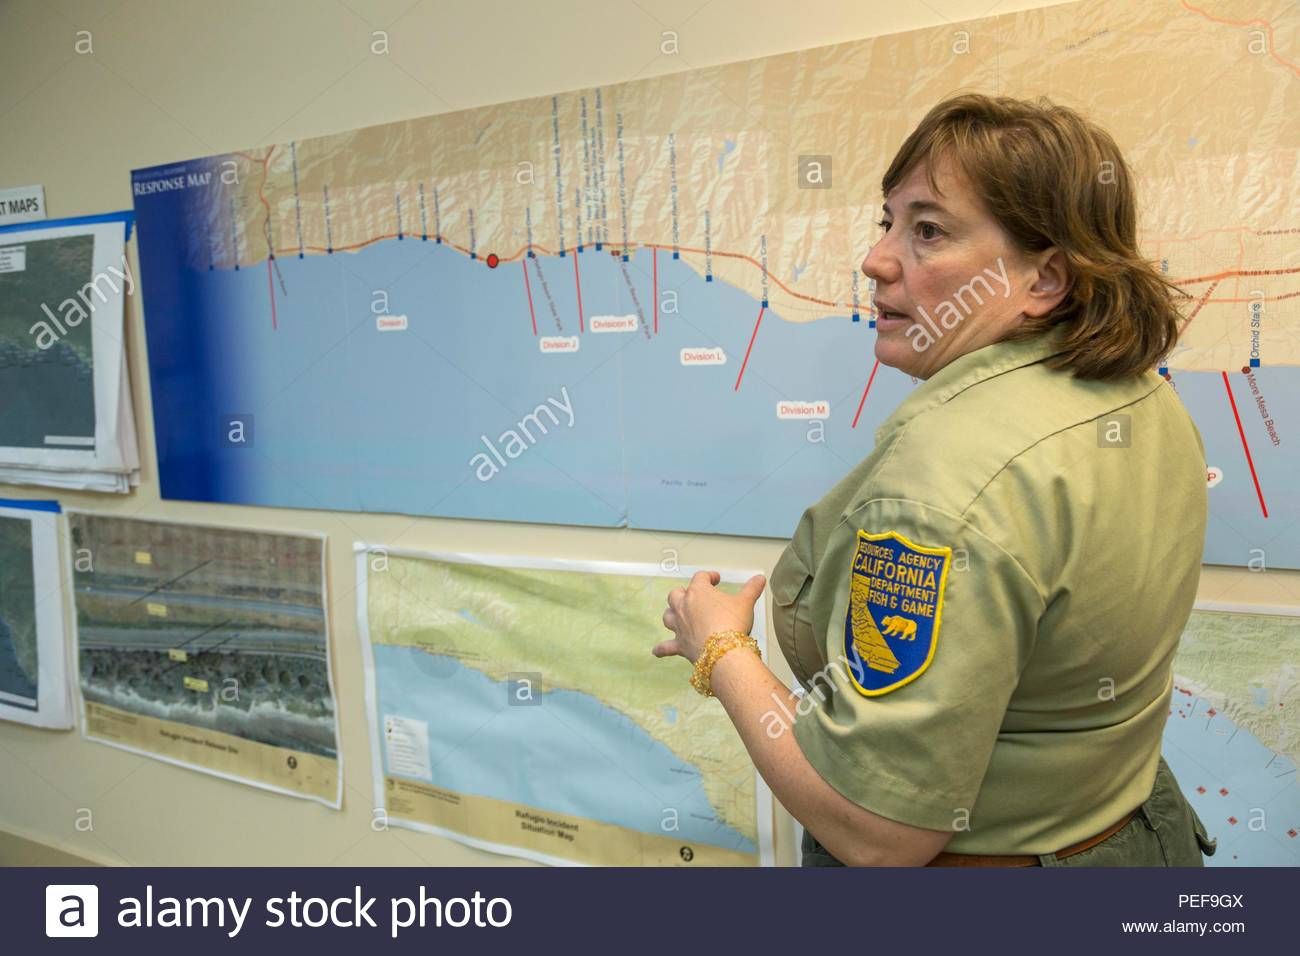 Information Officer con California Dipartimento di pesci e fauna selvatica con mappa che mostra area del Refugio fuoriuscite di olio a JIC, Joint Information Center per la Santa Barbara Refugio fuoriuscite di olio. Foto Stock